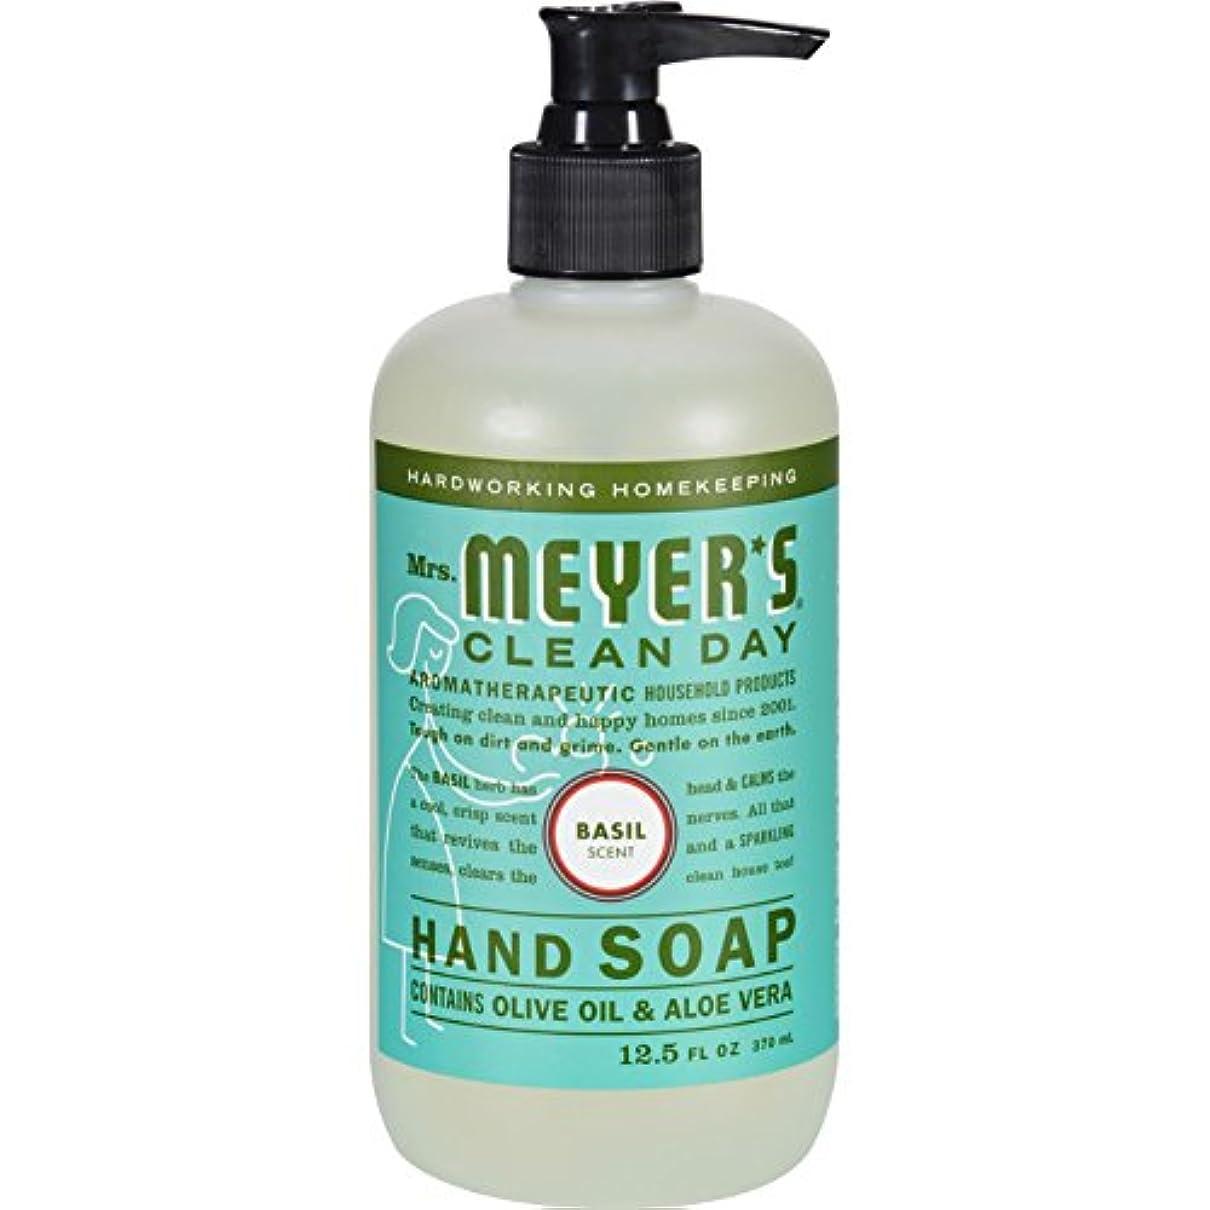 スタジアムバンガロー彼女自身MRS. MEYER'S HAND SOAP,LIQ,BASIL, 12.5 FZ by Mrs. Meyer's Clean Day